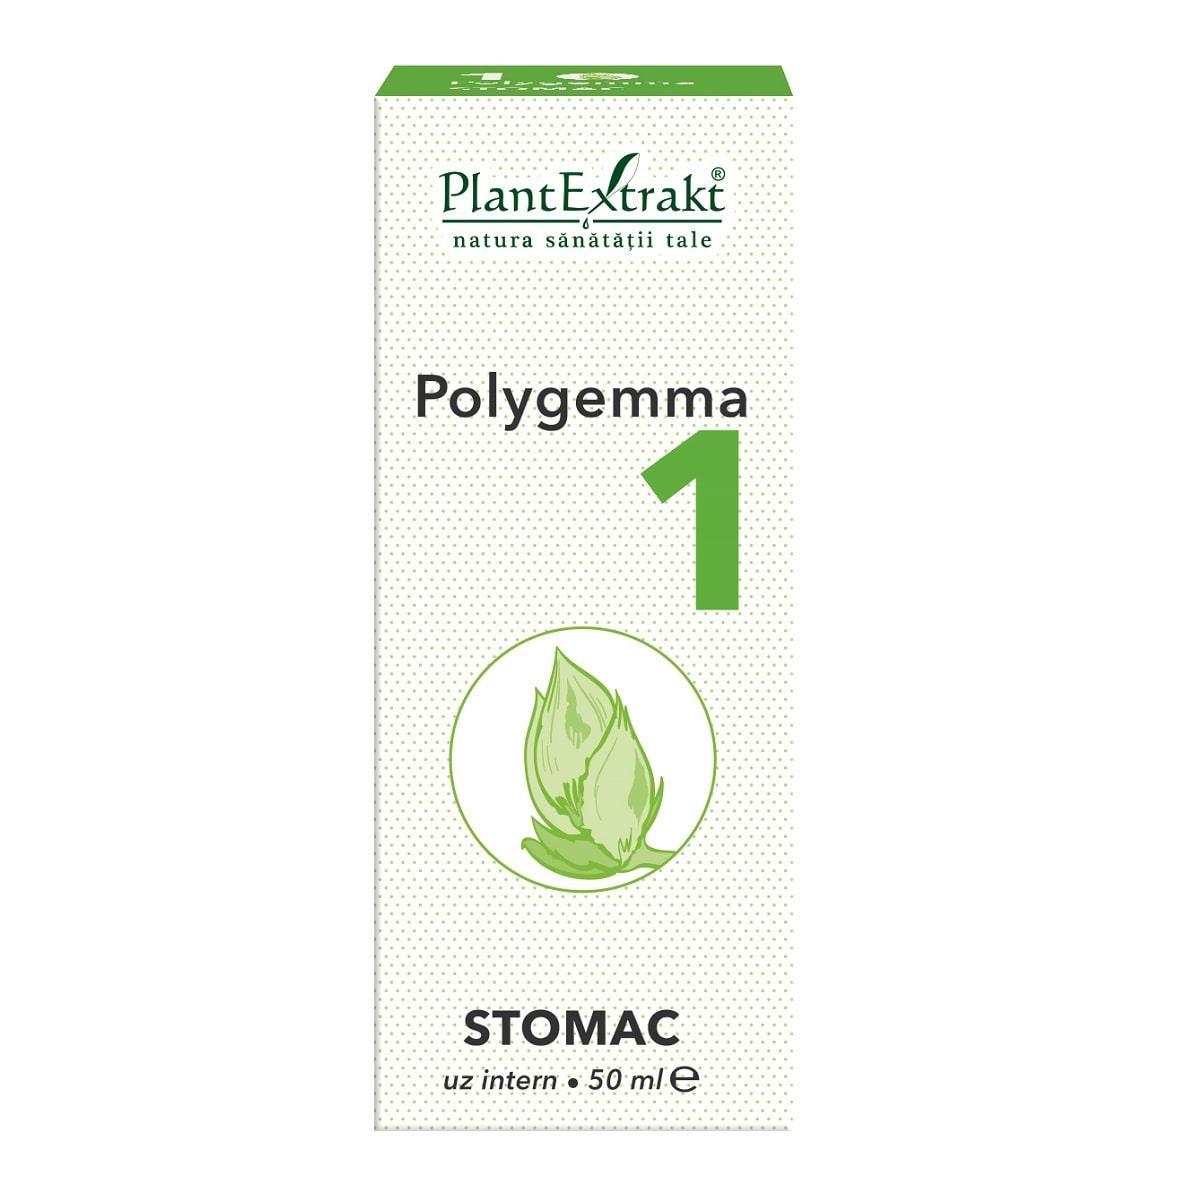 plantextrakt polygemma)